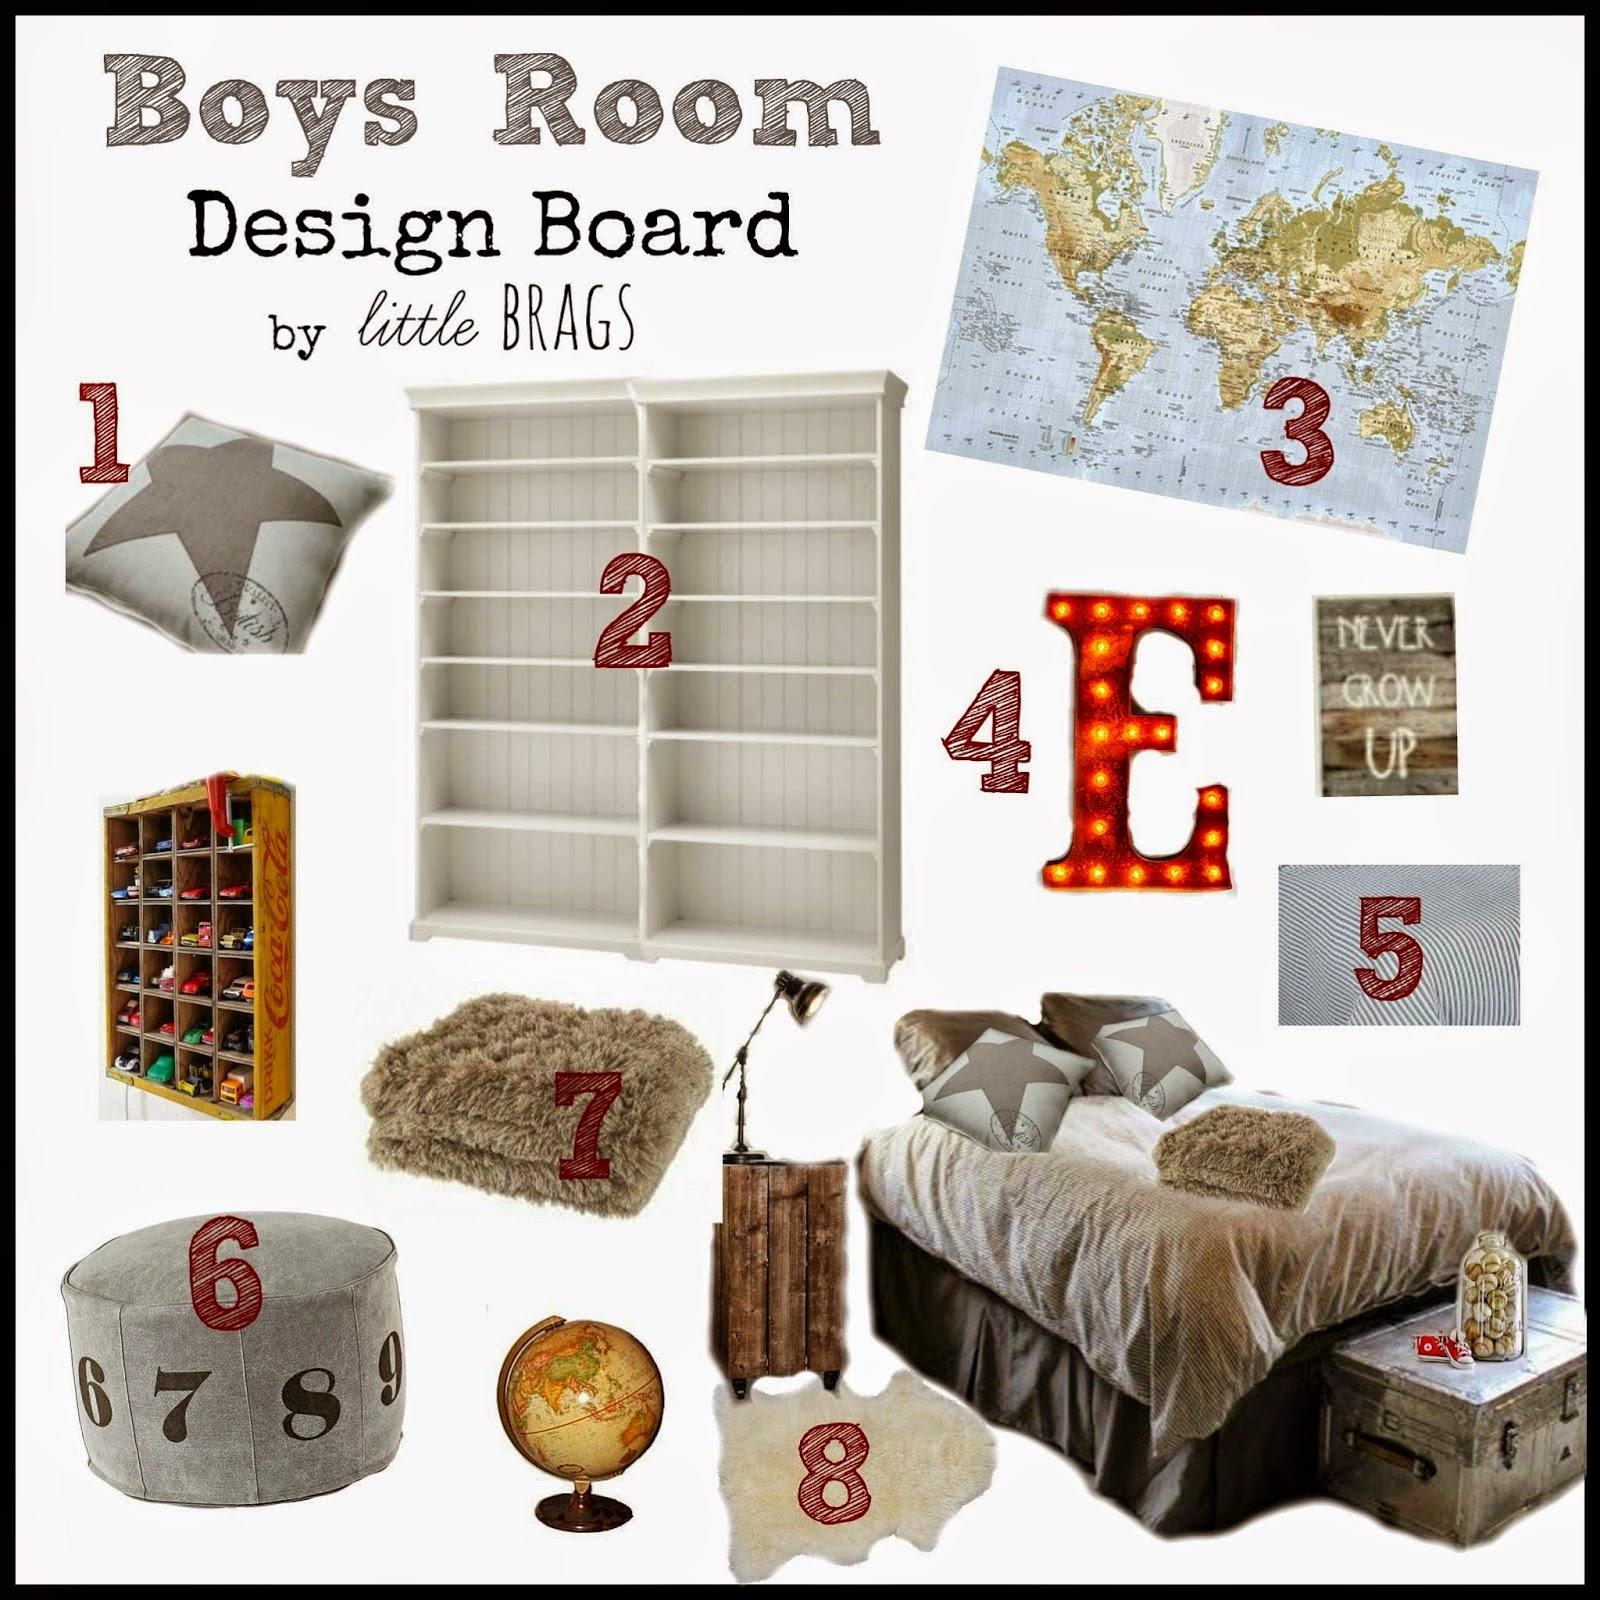 http://littlebrags.blogspot.com/2014/09/boys-bedroom-wishlist.html